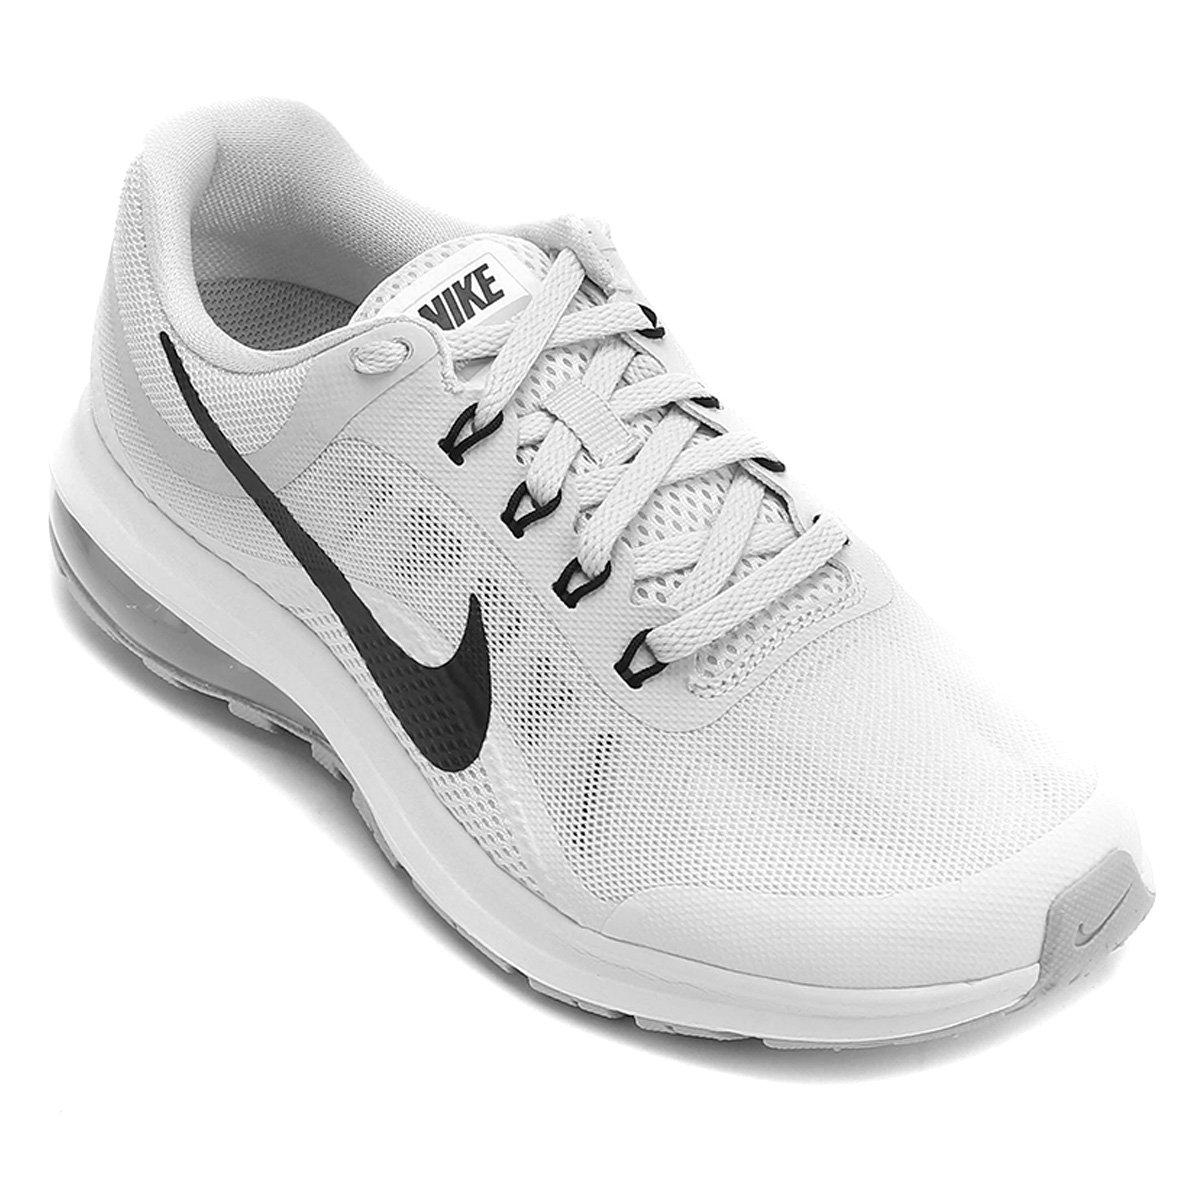 c76317ebd5 Tênis Nike Air Max Dynasty 2 Feminino - Compre Agora